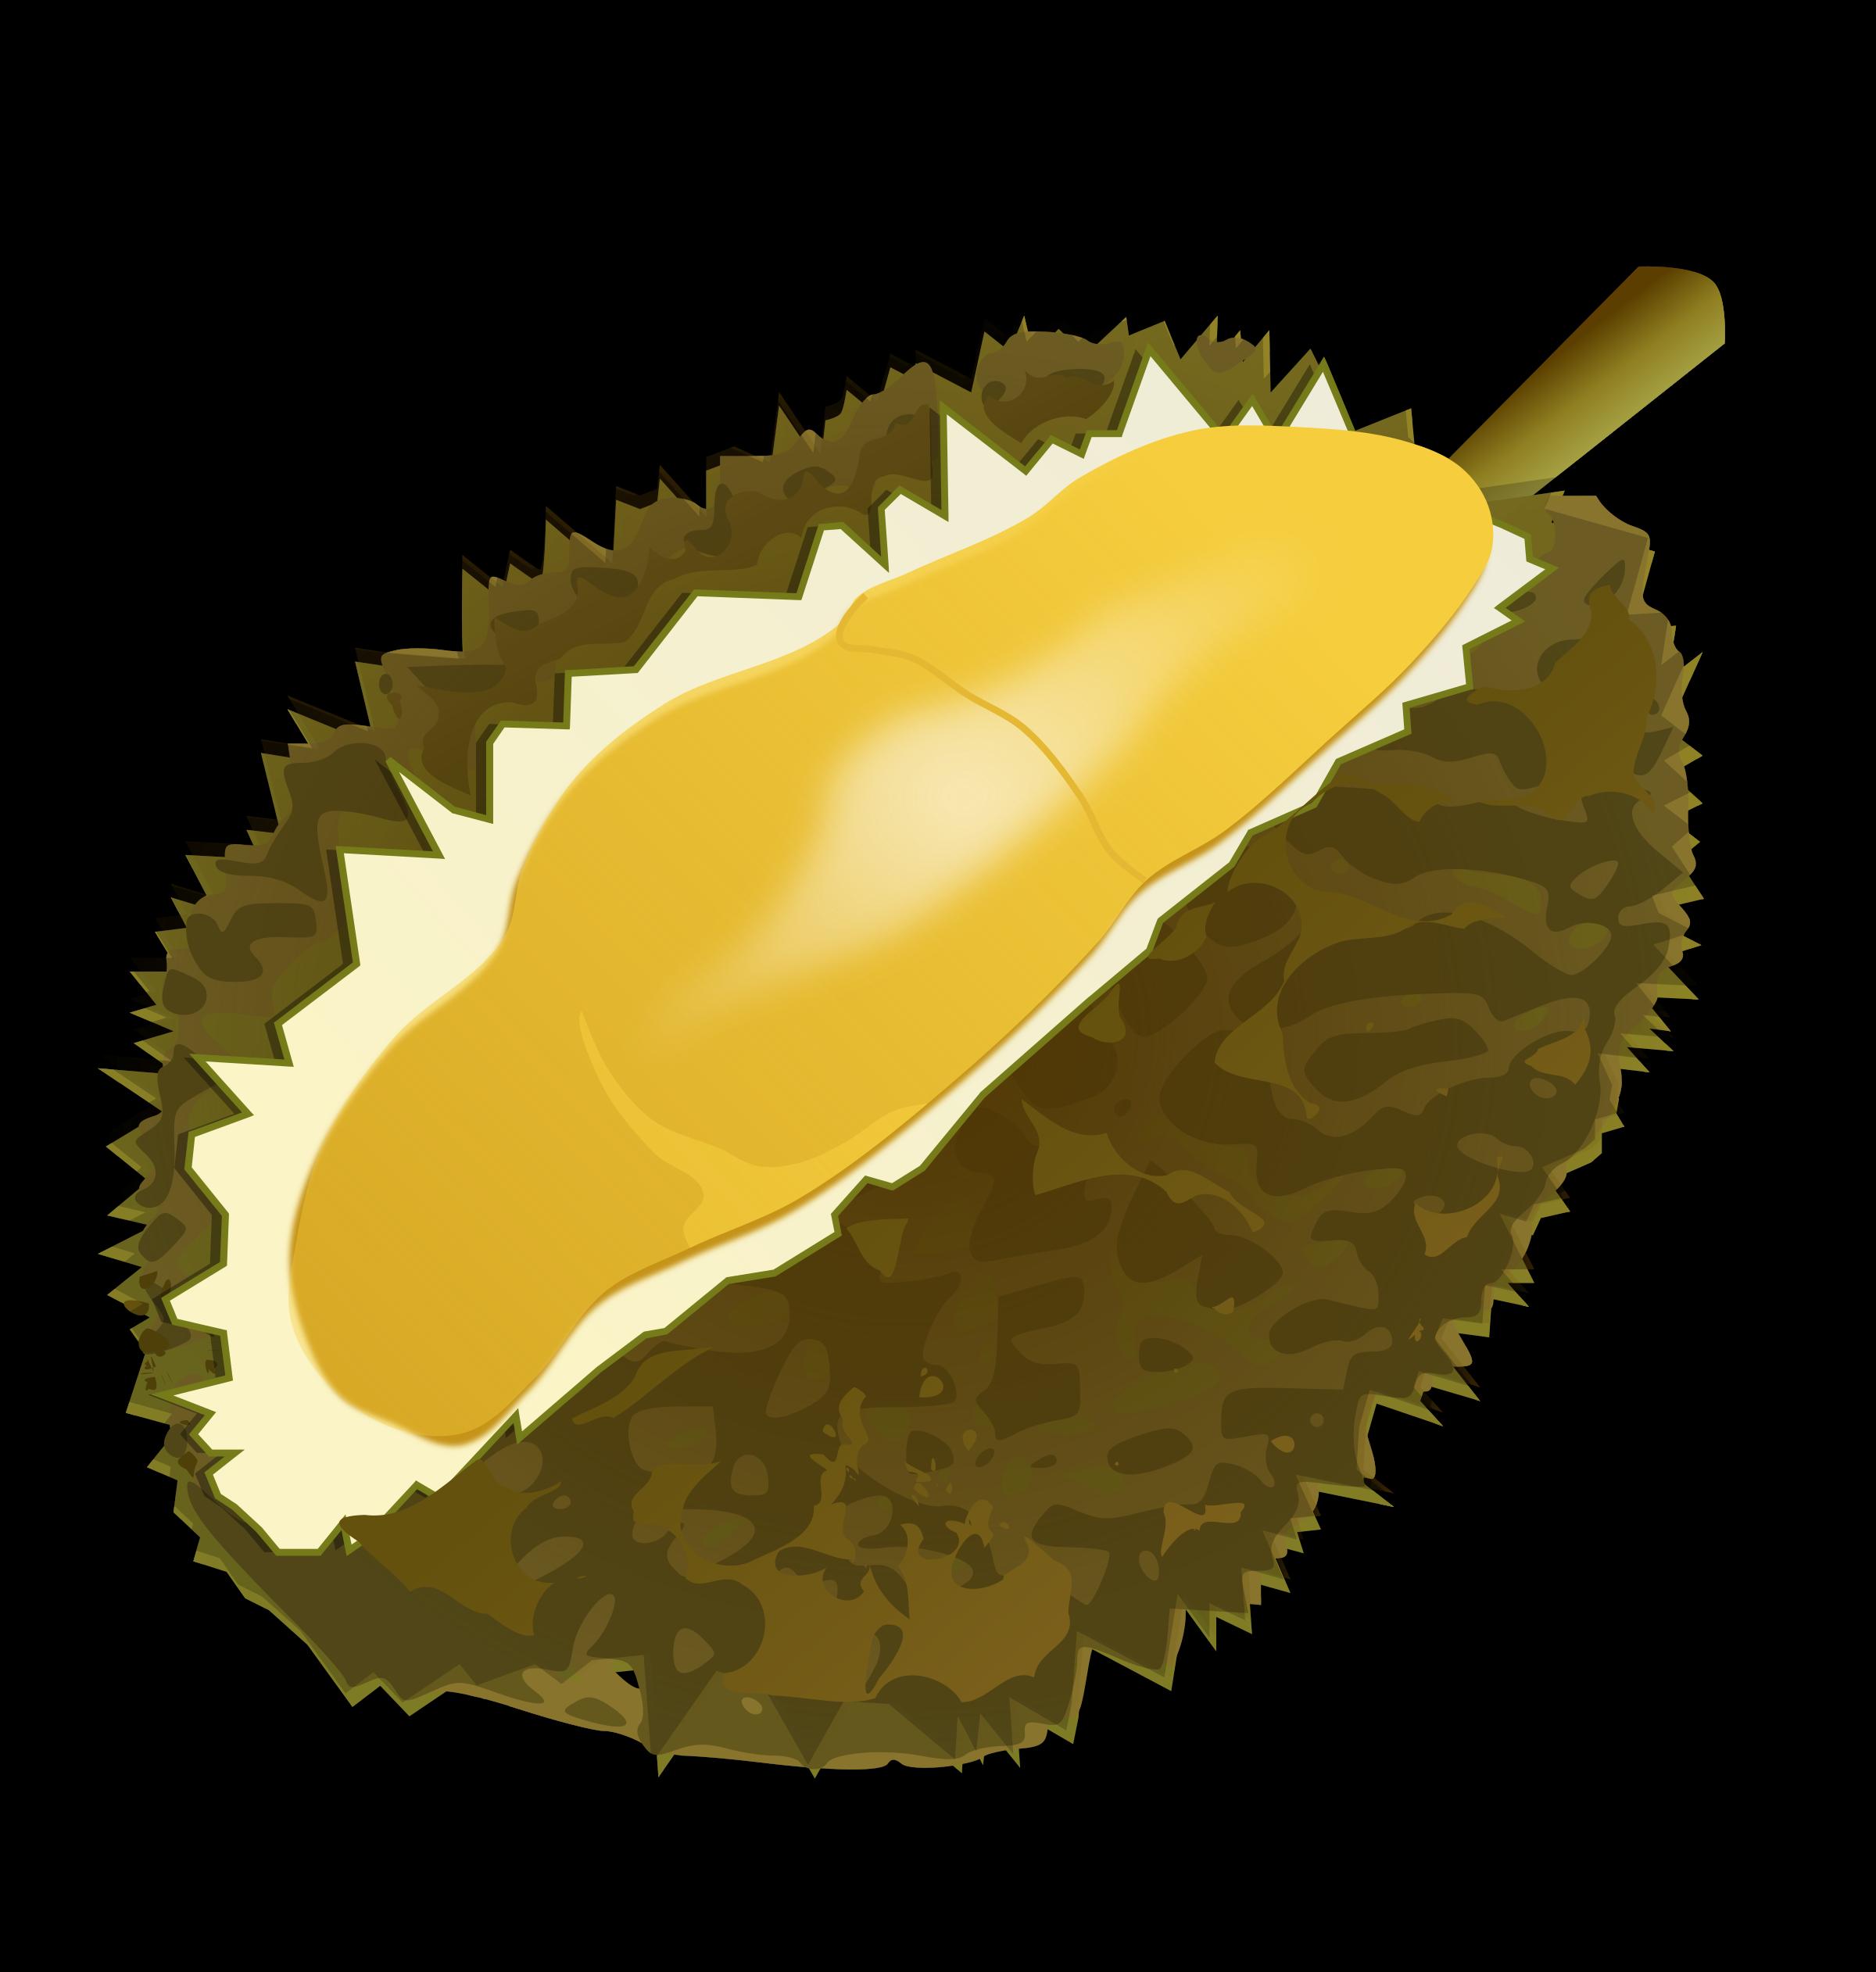 Durian clipart Clipart Durian Durian